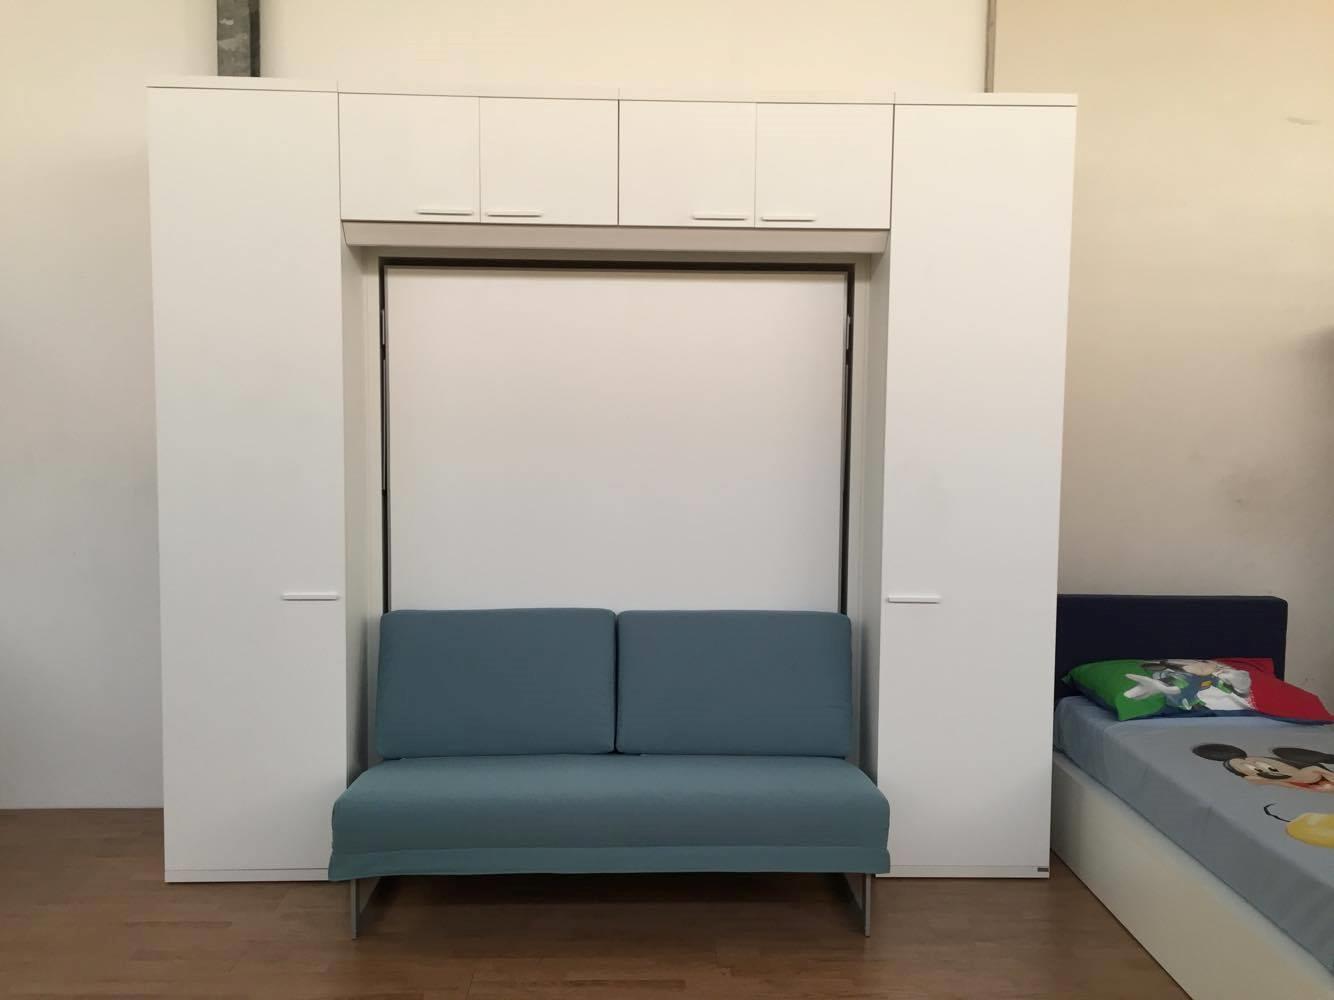 Camera matrimoniale a scomparsa con divano e armadiatura for Camera da letto a ponte ikea